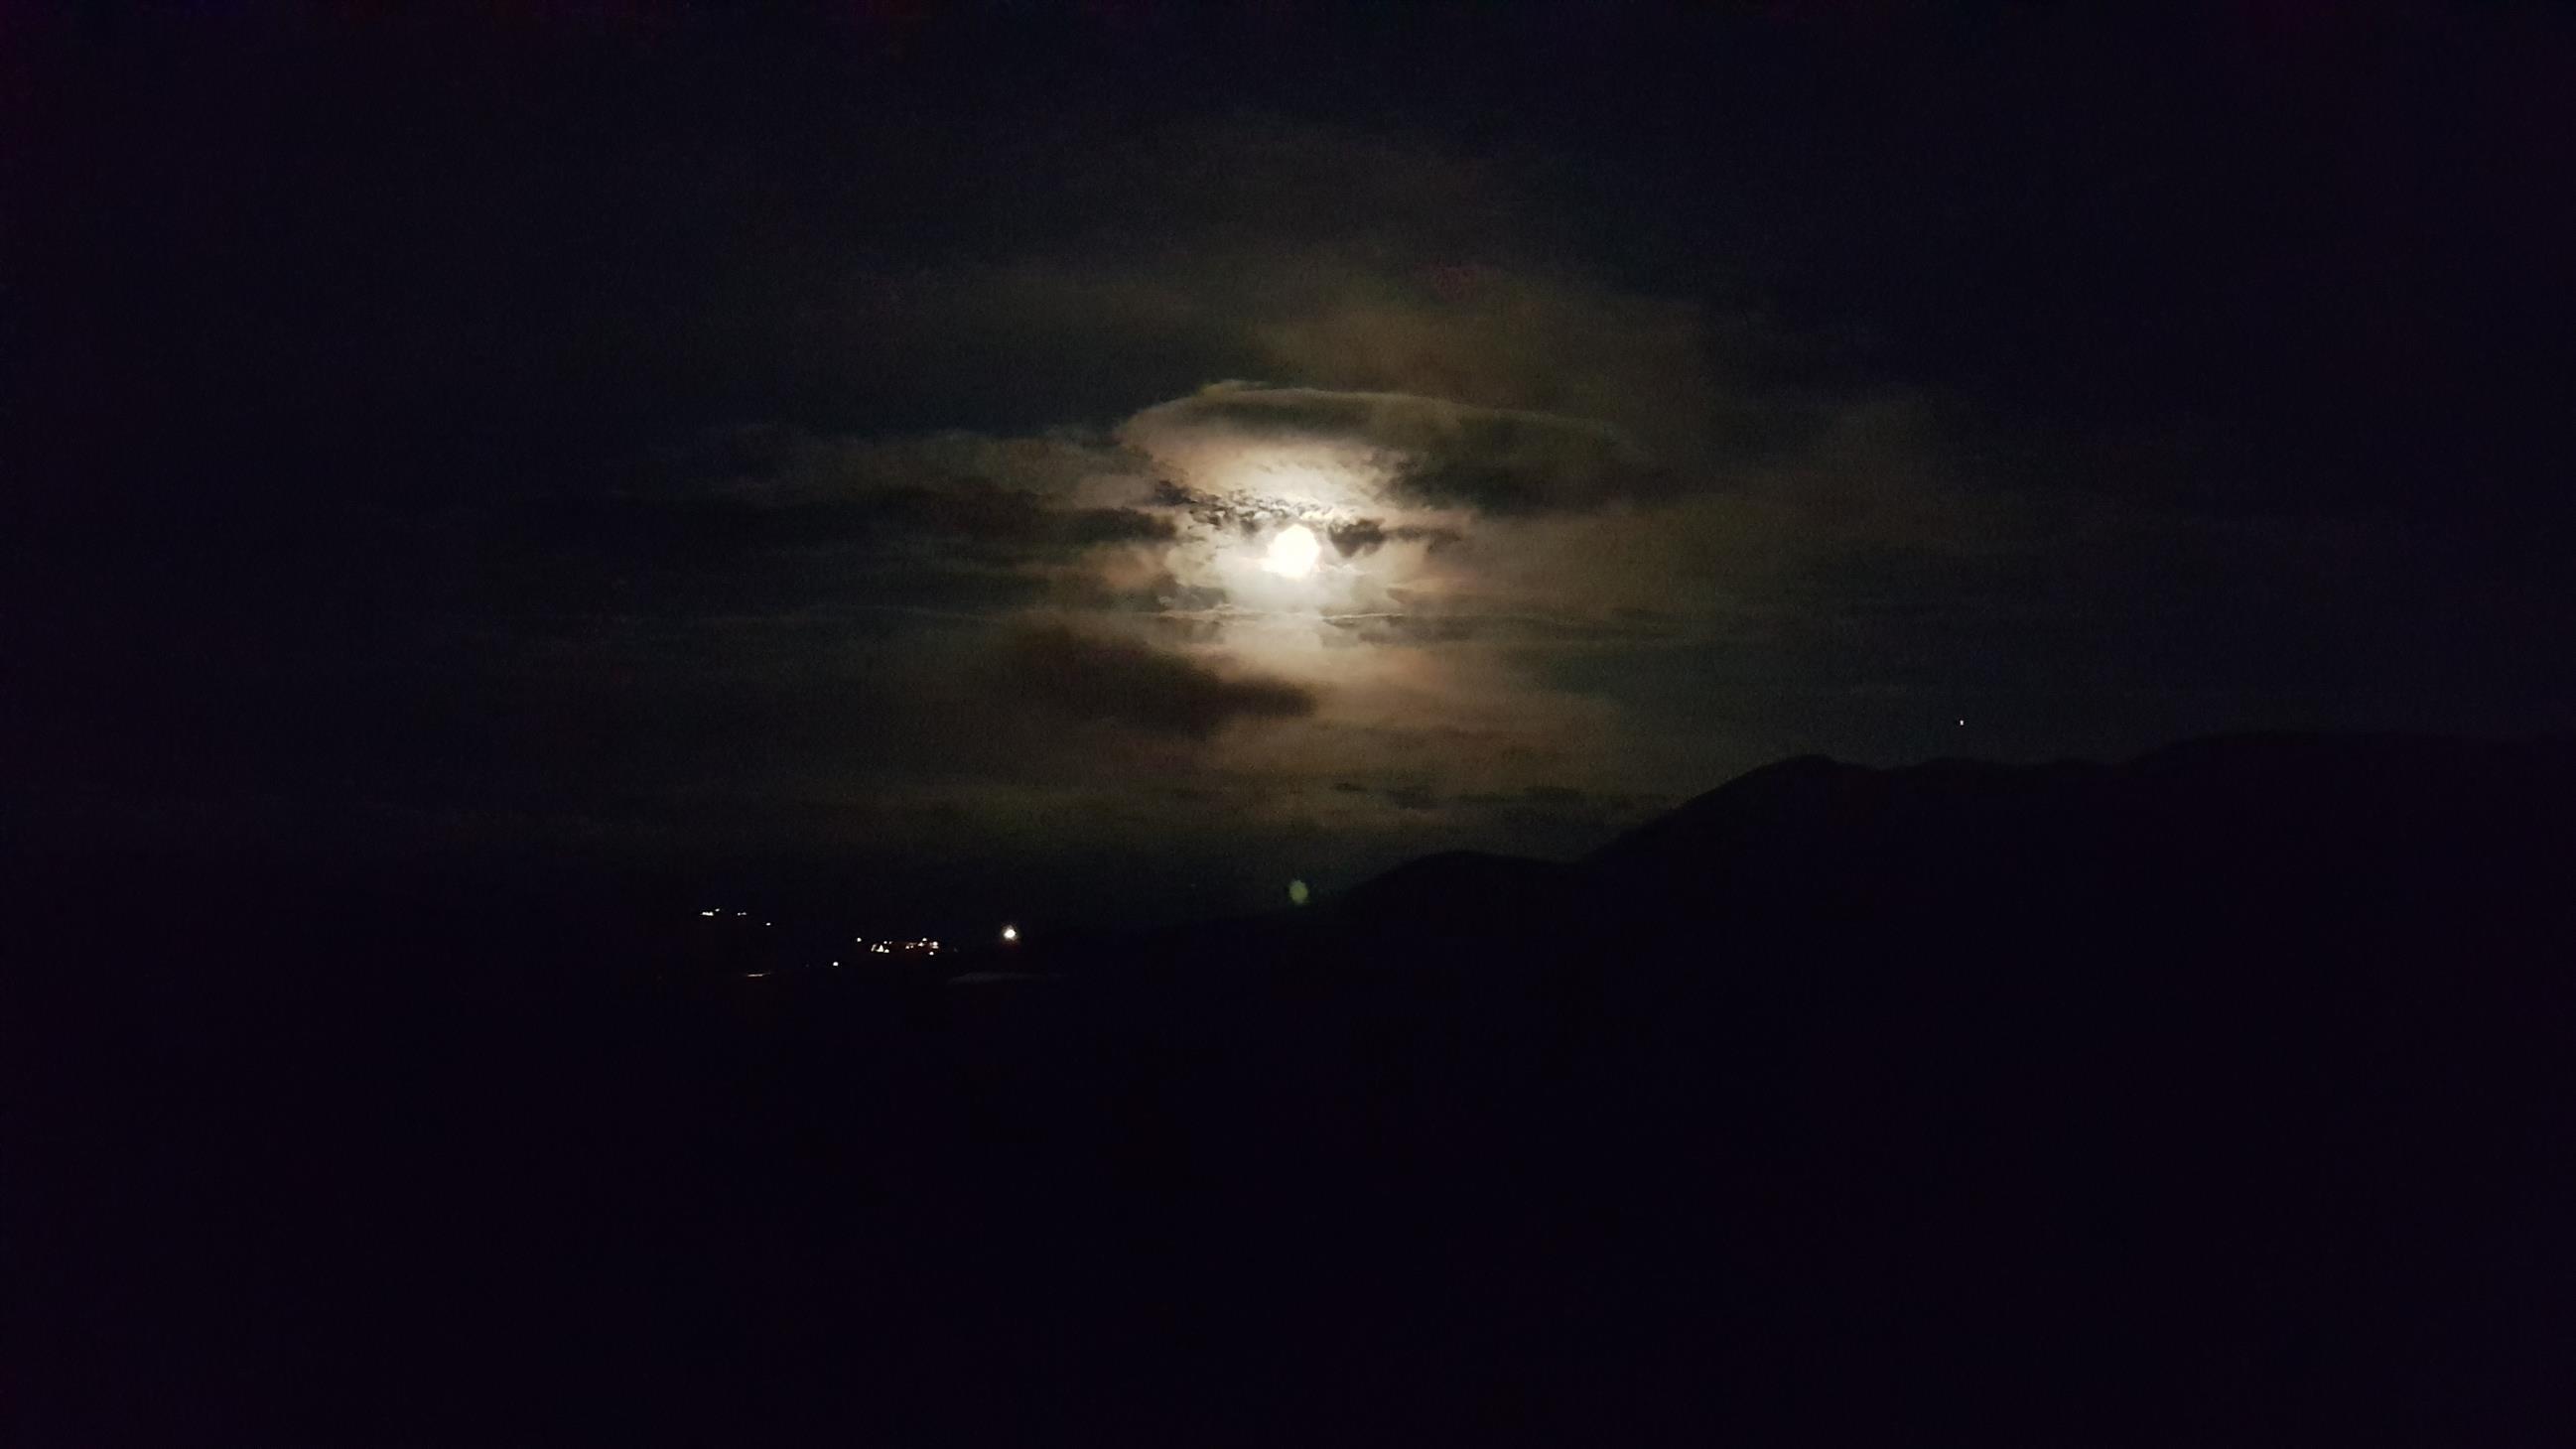 Månen lyste opp, litt